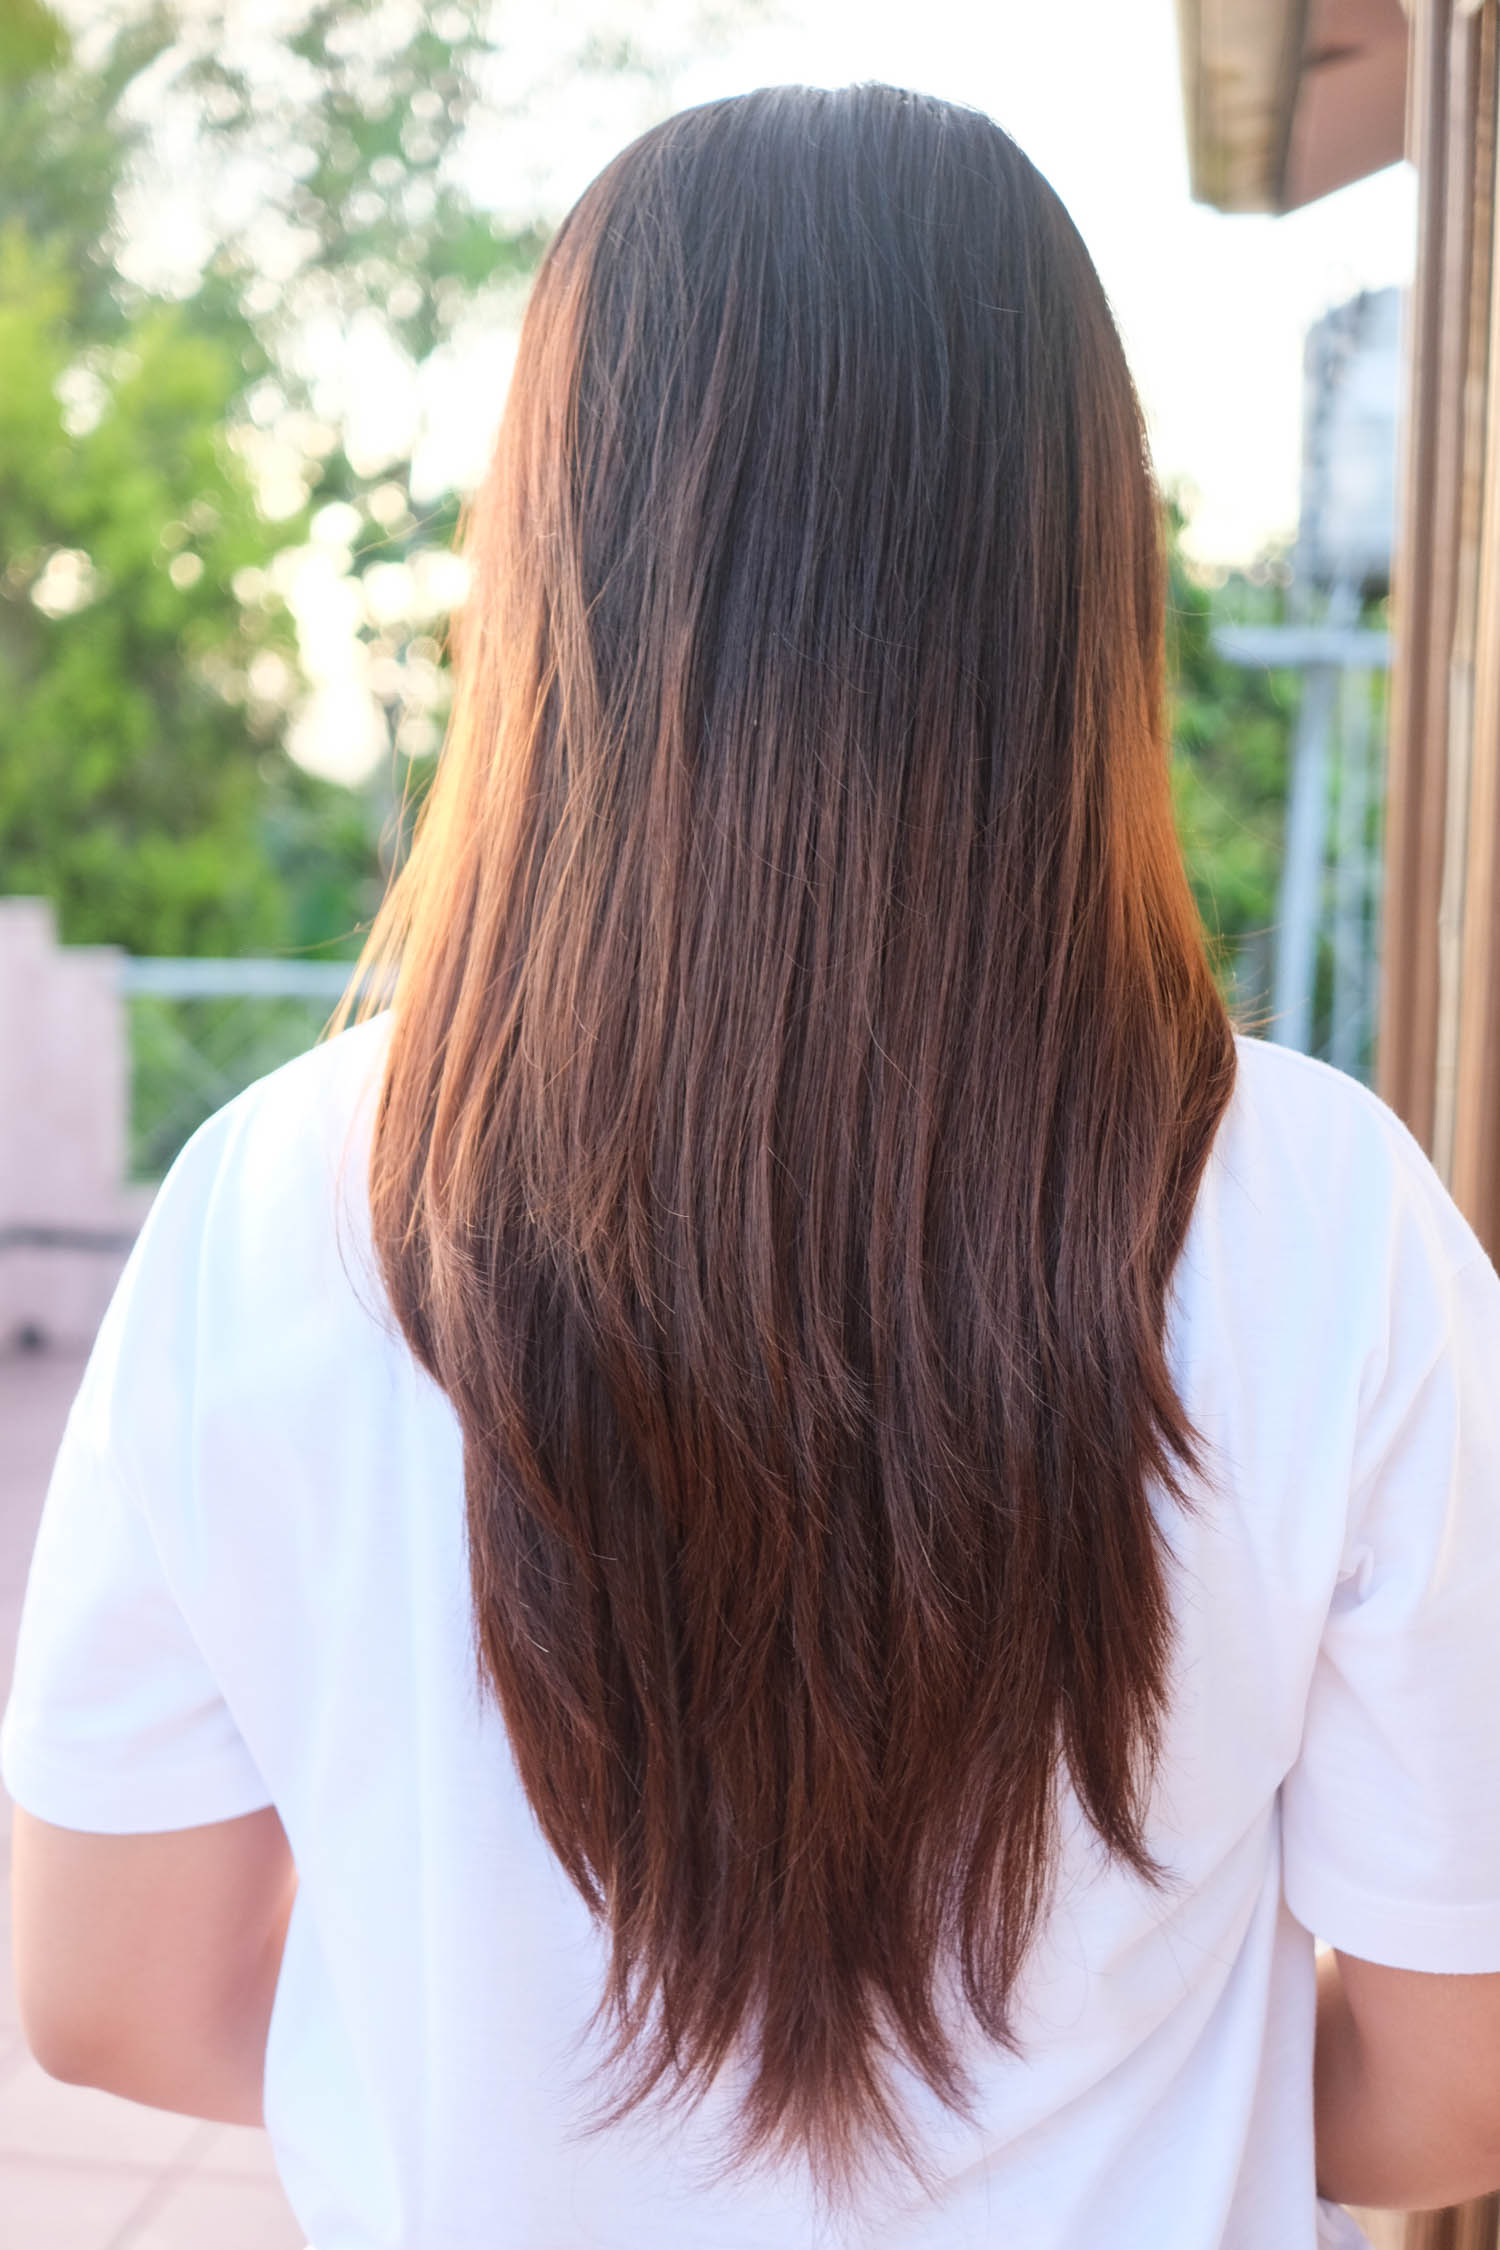 My hair before dip-dyeing